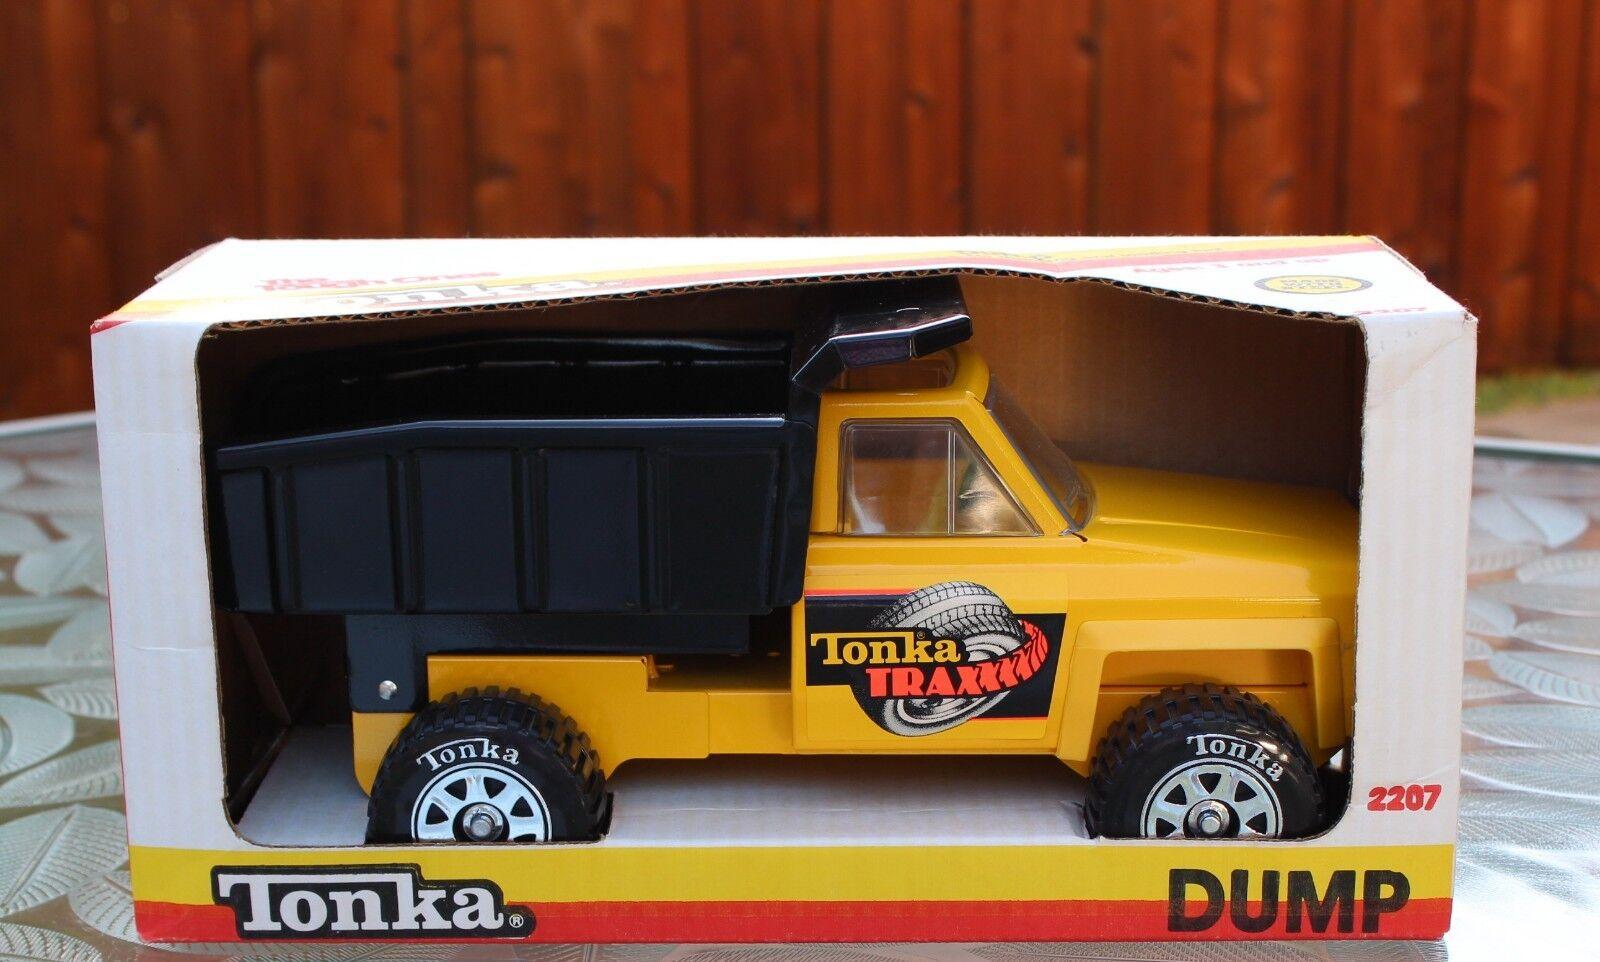 La cantera de Tonka desCochegó el camión 35, 23, 27, estructuras de acero, juguetes agrícolas 1985, NIB.